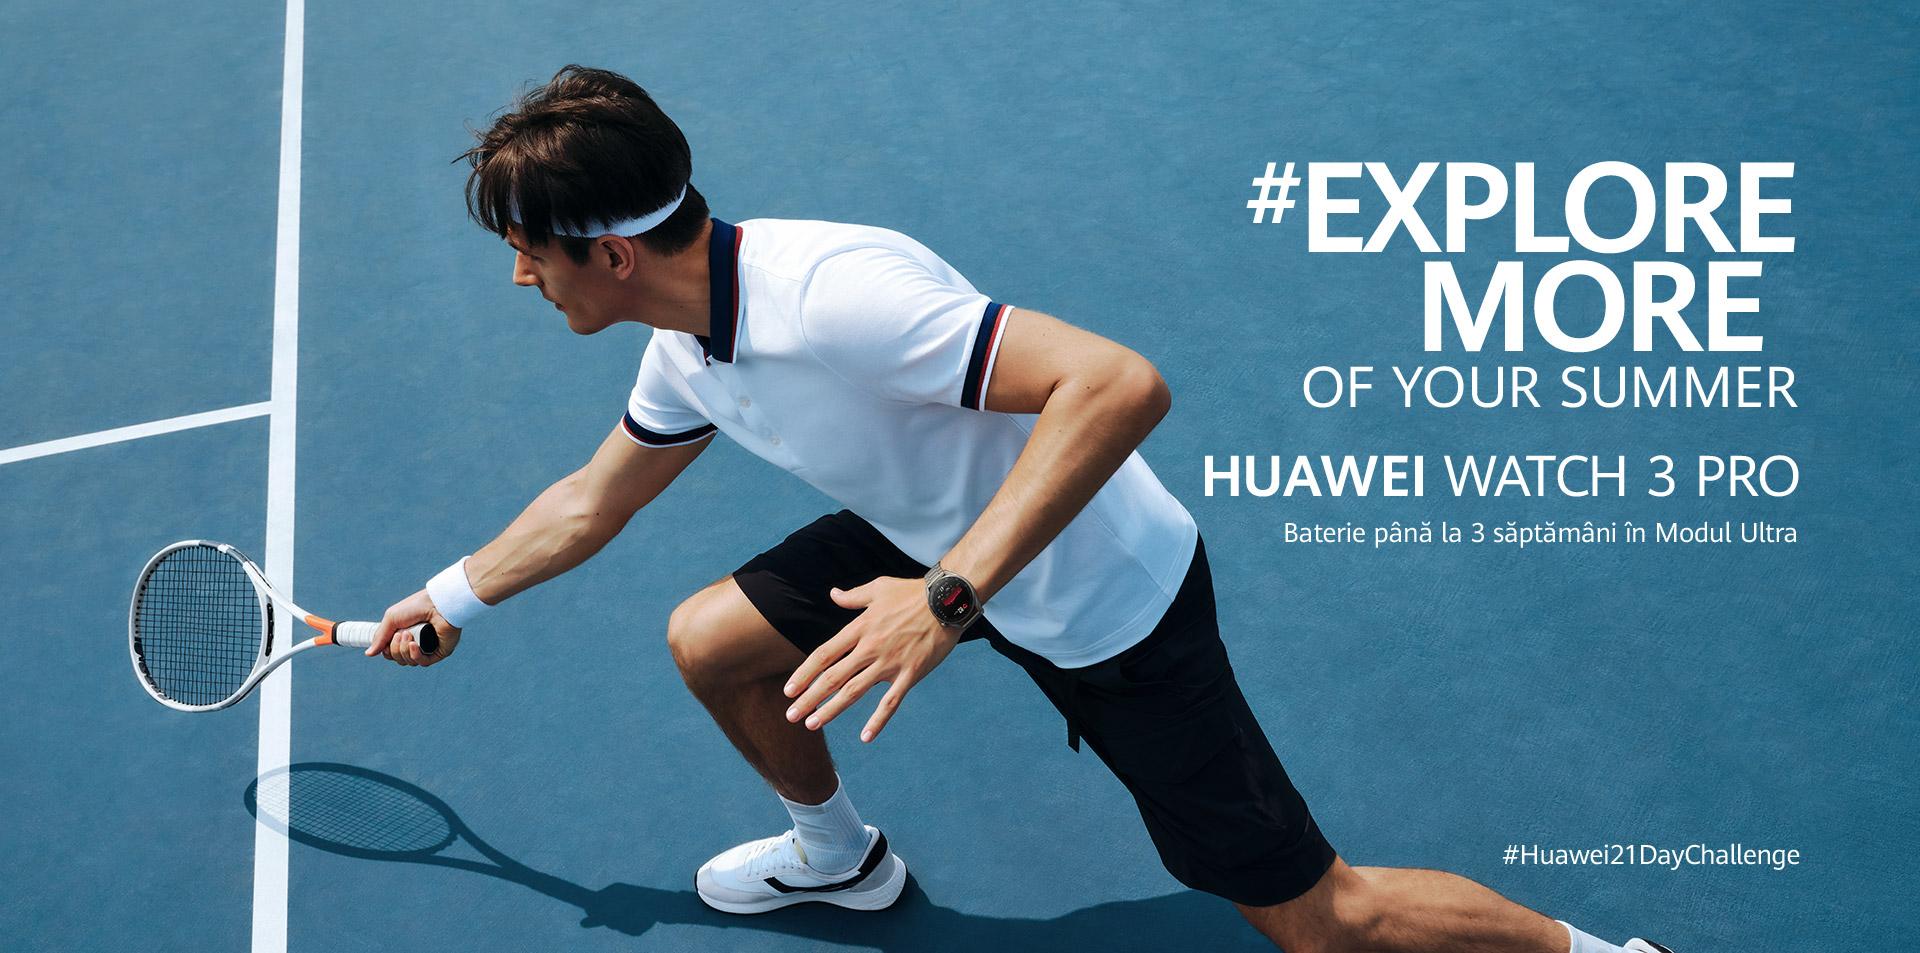 Explore More Of Your Summer – campania Huawei dedicată consumatorilor s-a încheiat cu premii atractive